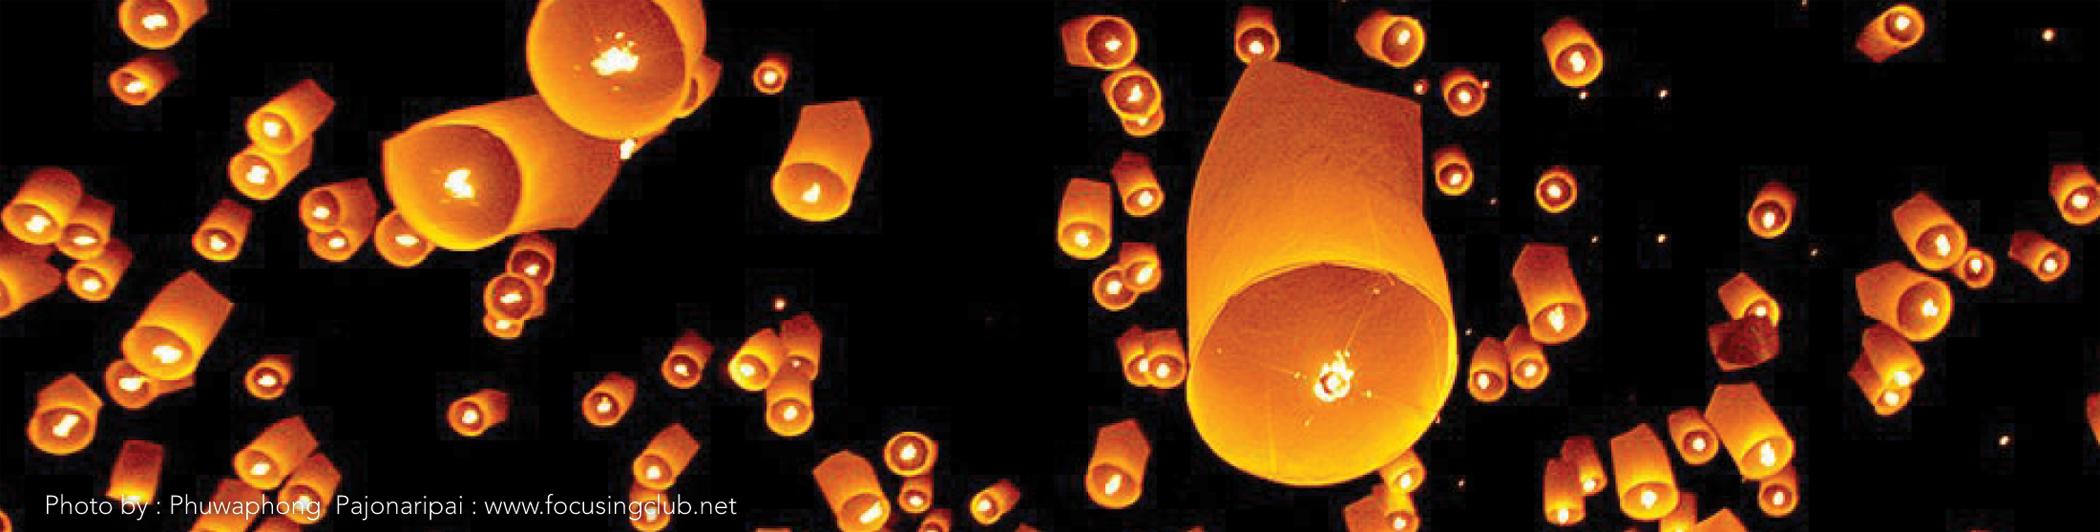 Kome Loy : Hot air balloons